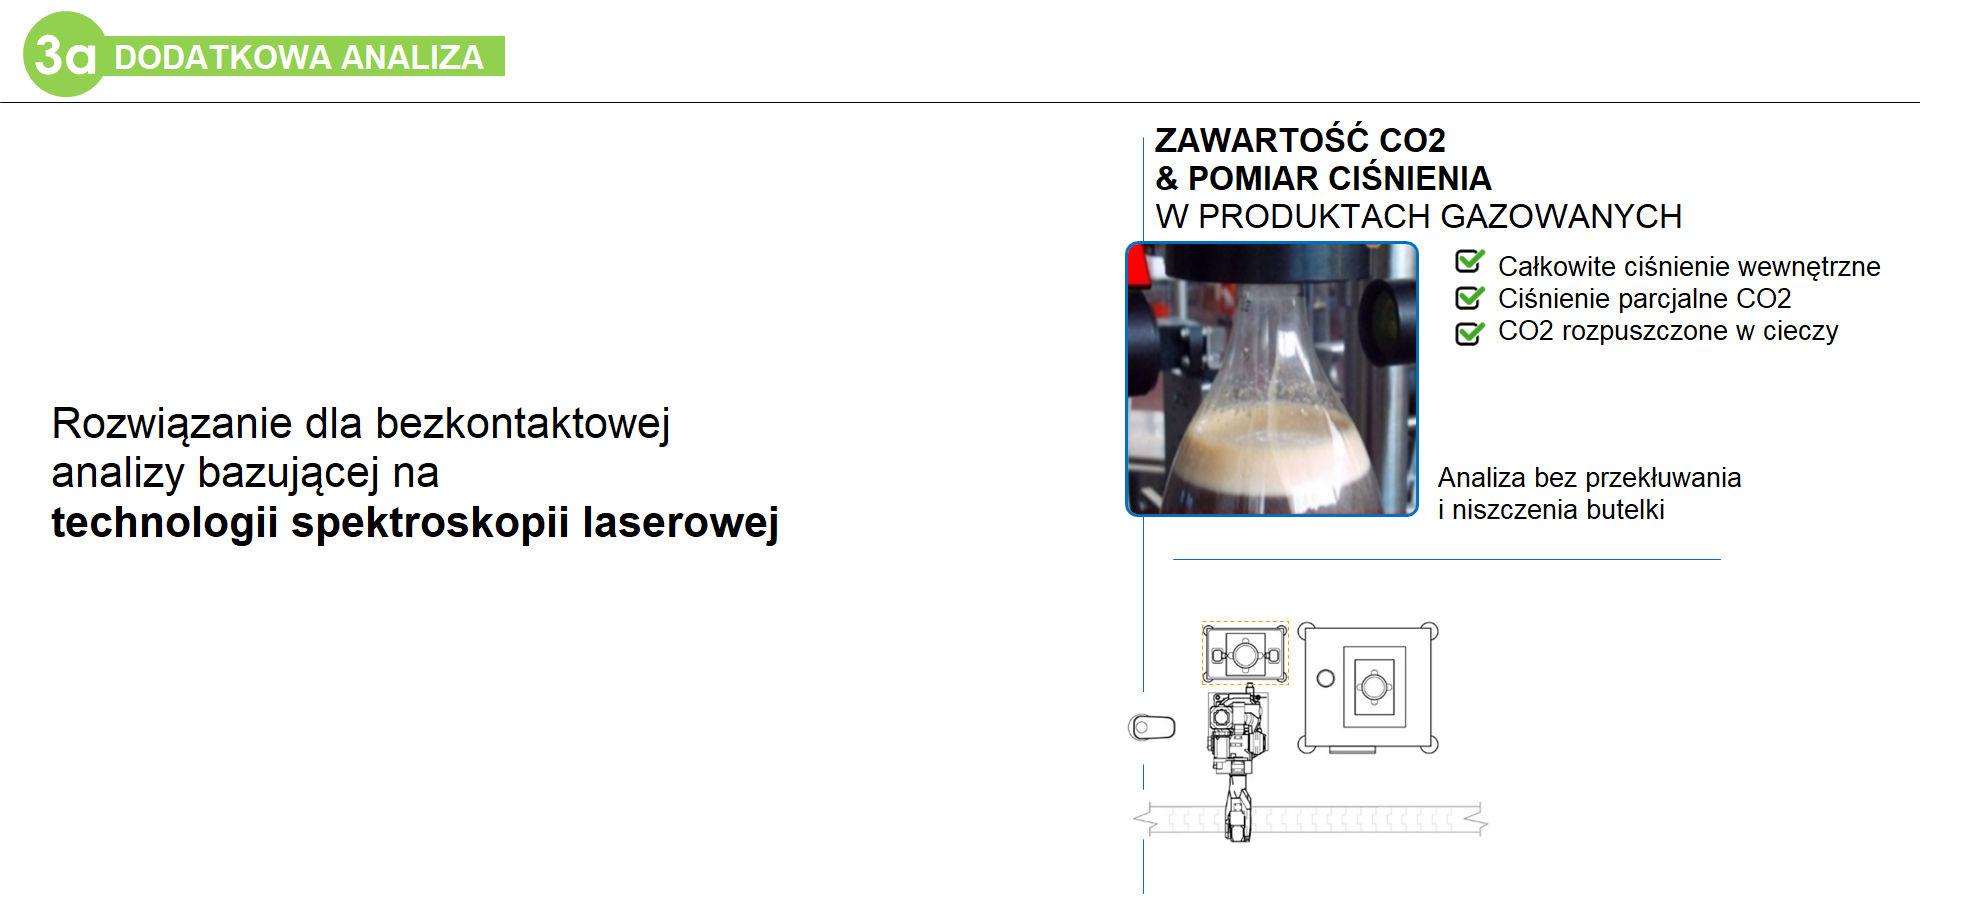 Kontrola jakości on line - systemy QCS na linii produkcyjnej